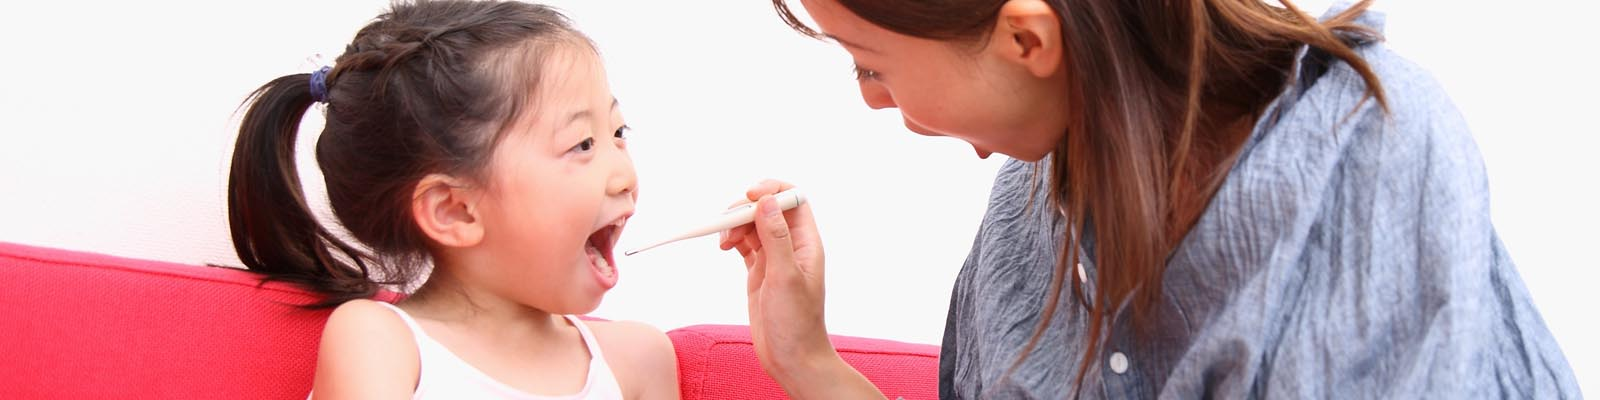 妊産婦・小児歯科 | 小石歯科